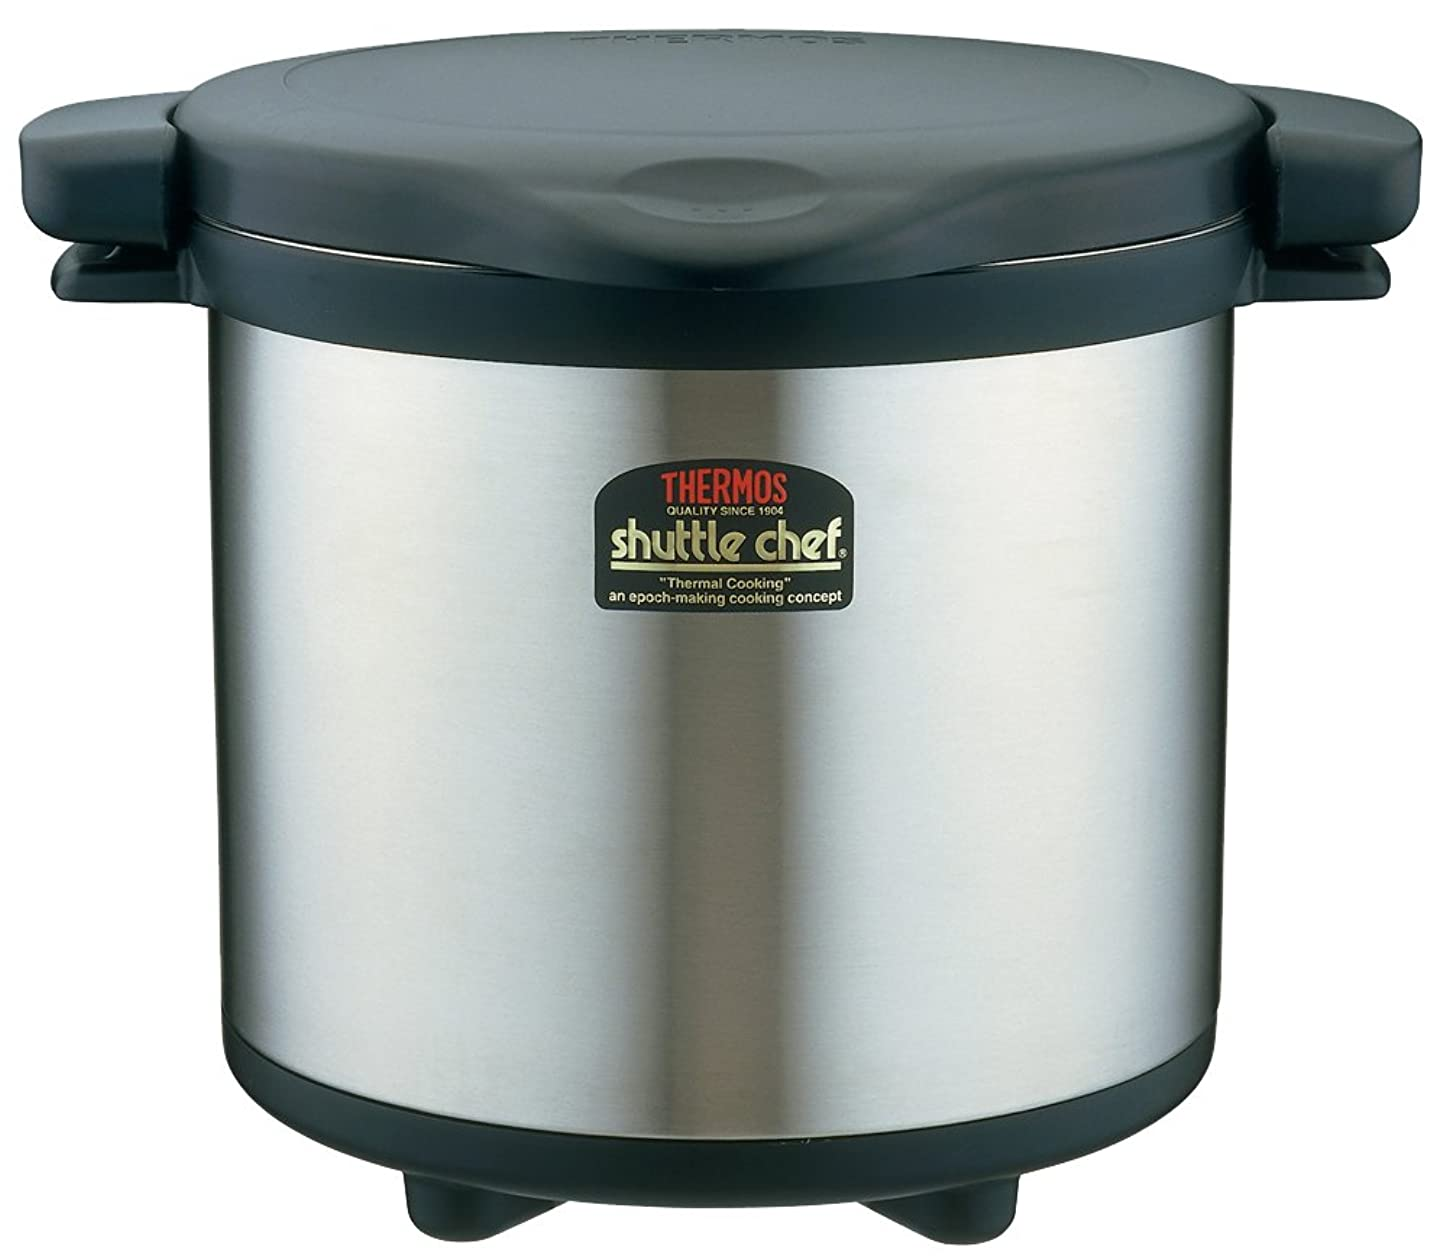 組み込むタンカー列挙するアイリスオーヤマ 鍋 旨み炊飯鍋 IH付 18cm H-DRC-18